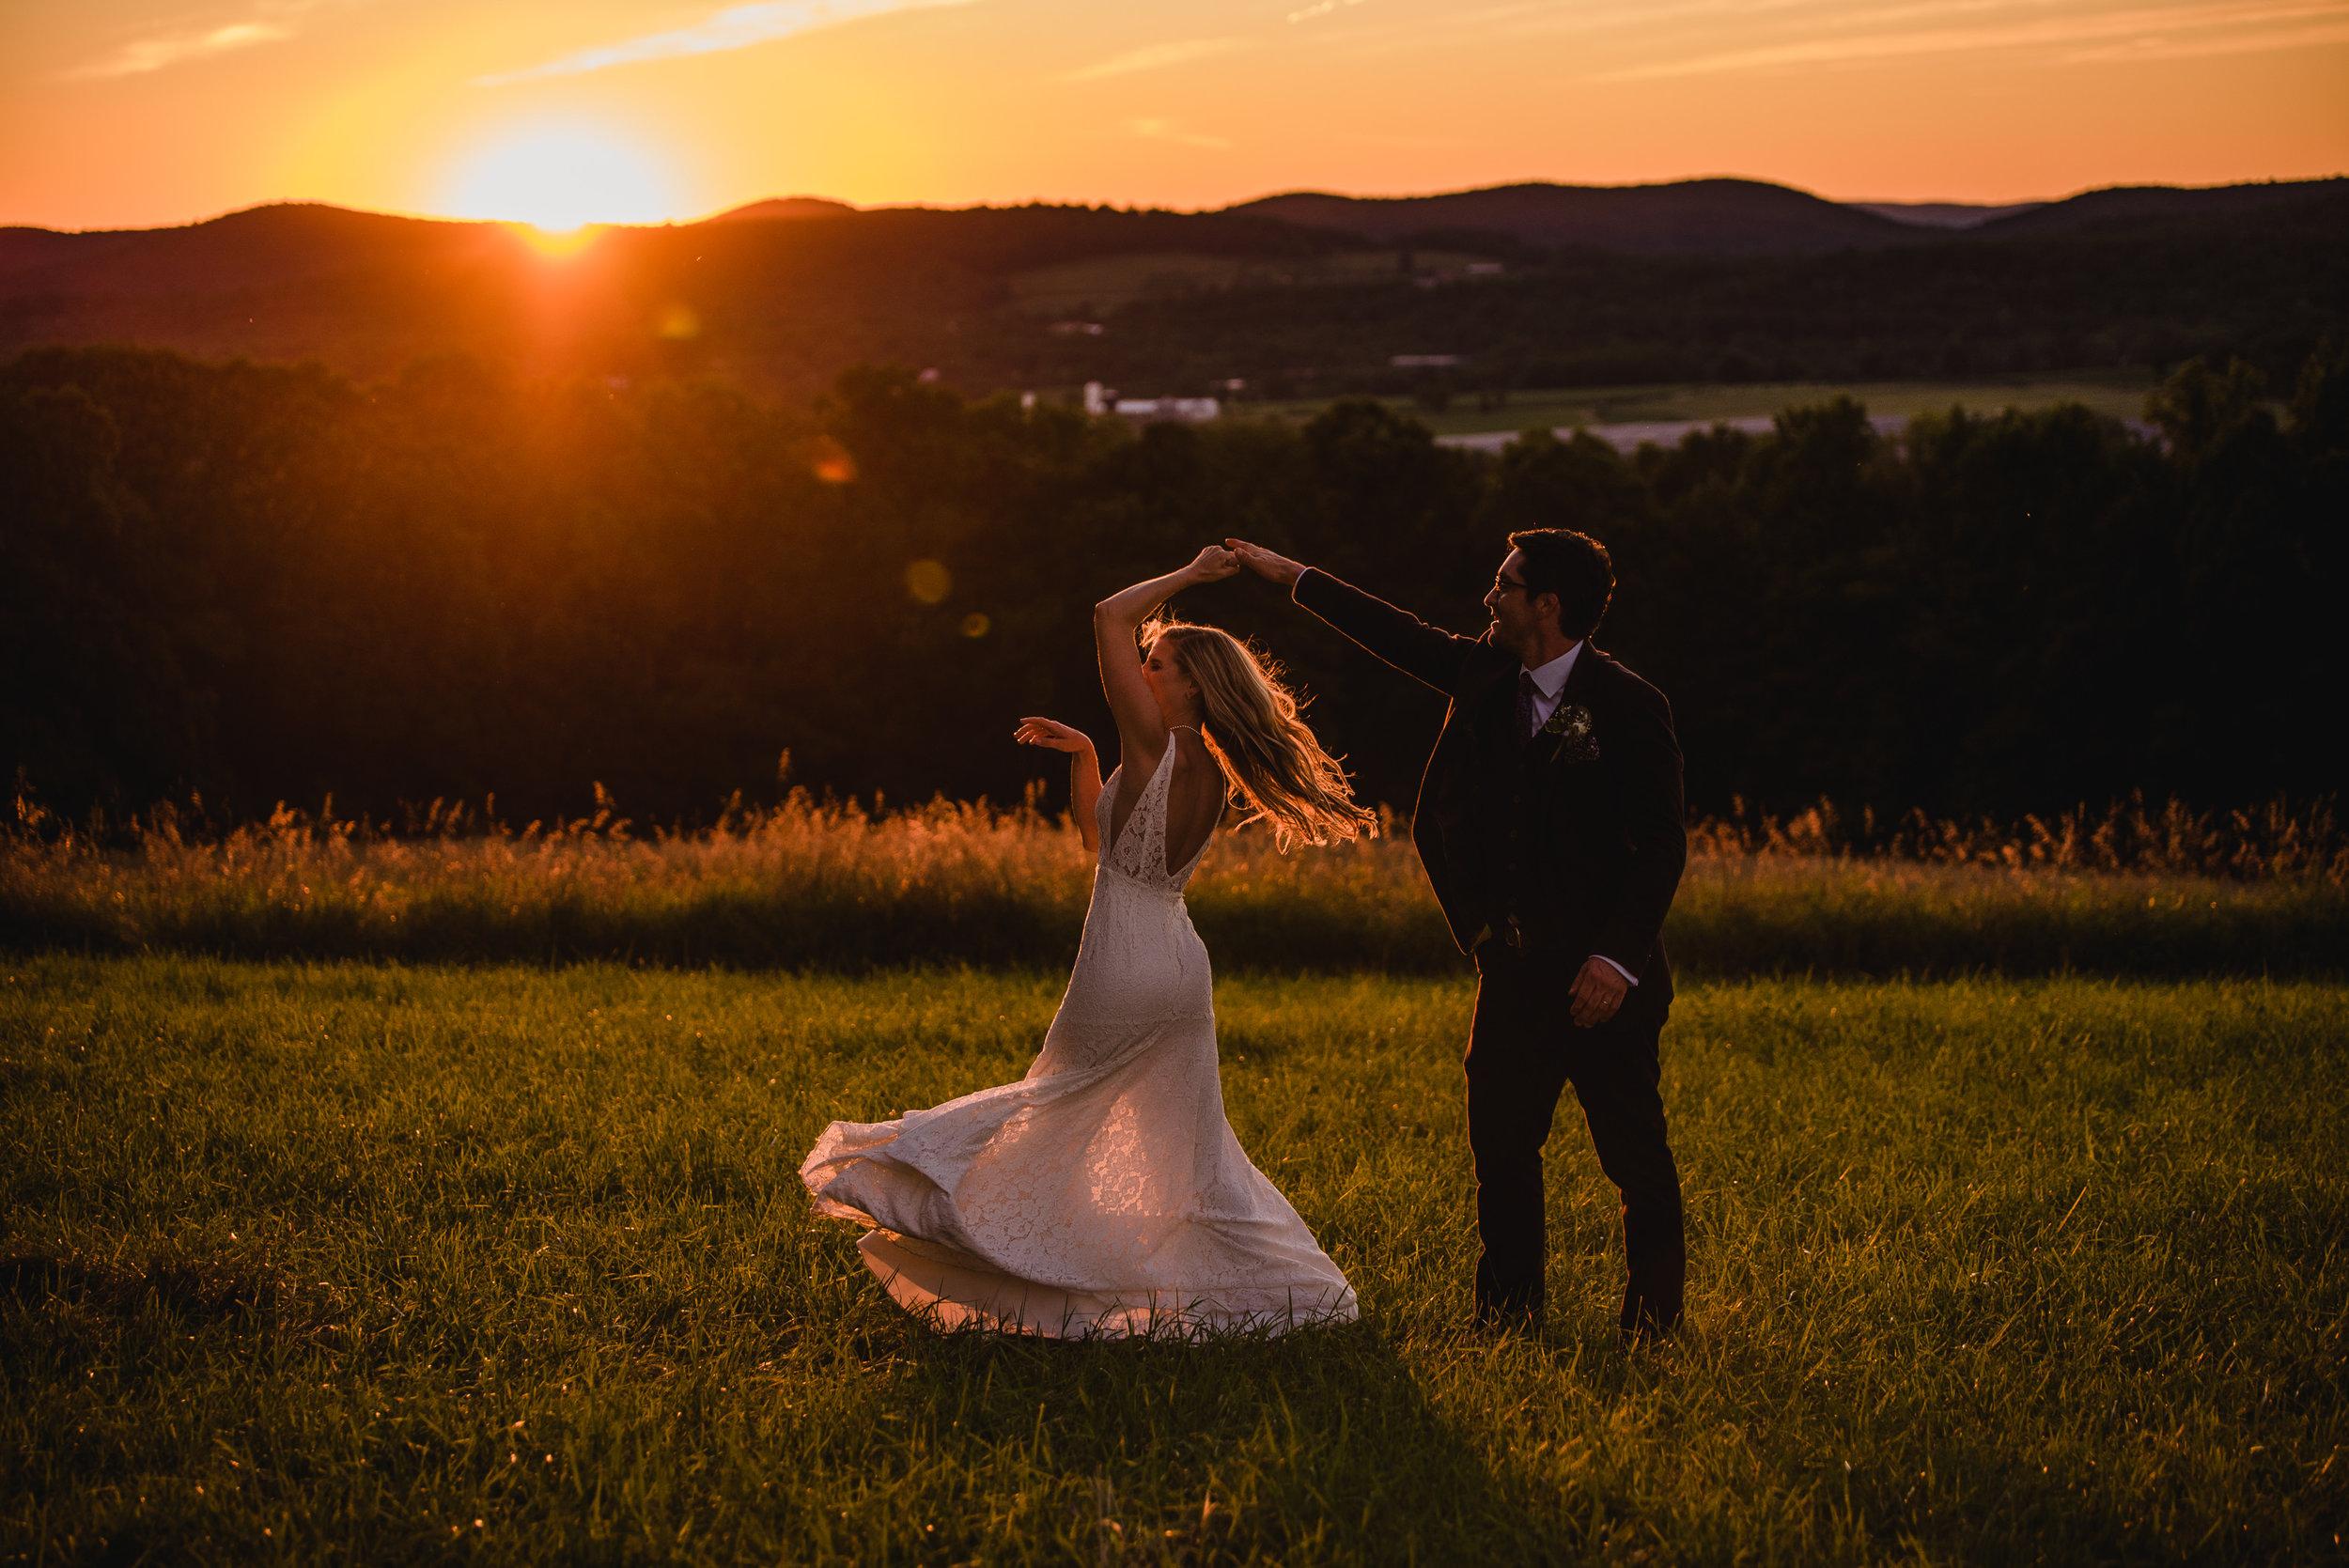 LINDSAY_WEDDING_BORN_TO_RUN_FARM_1681.jpg